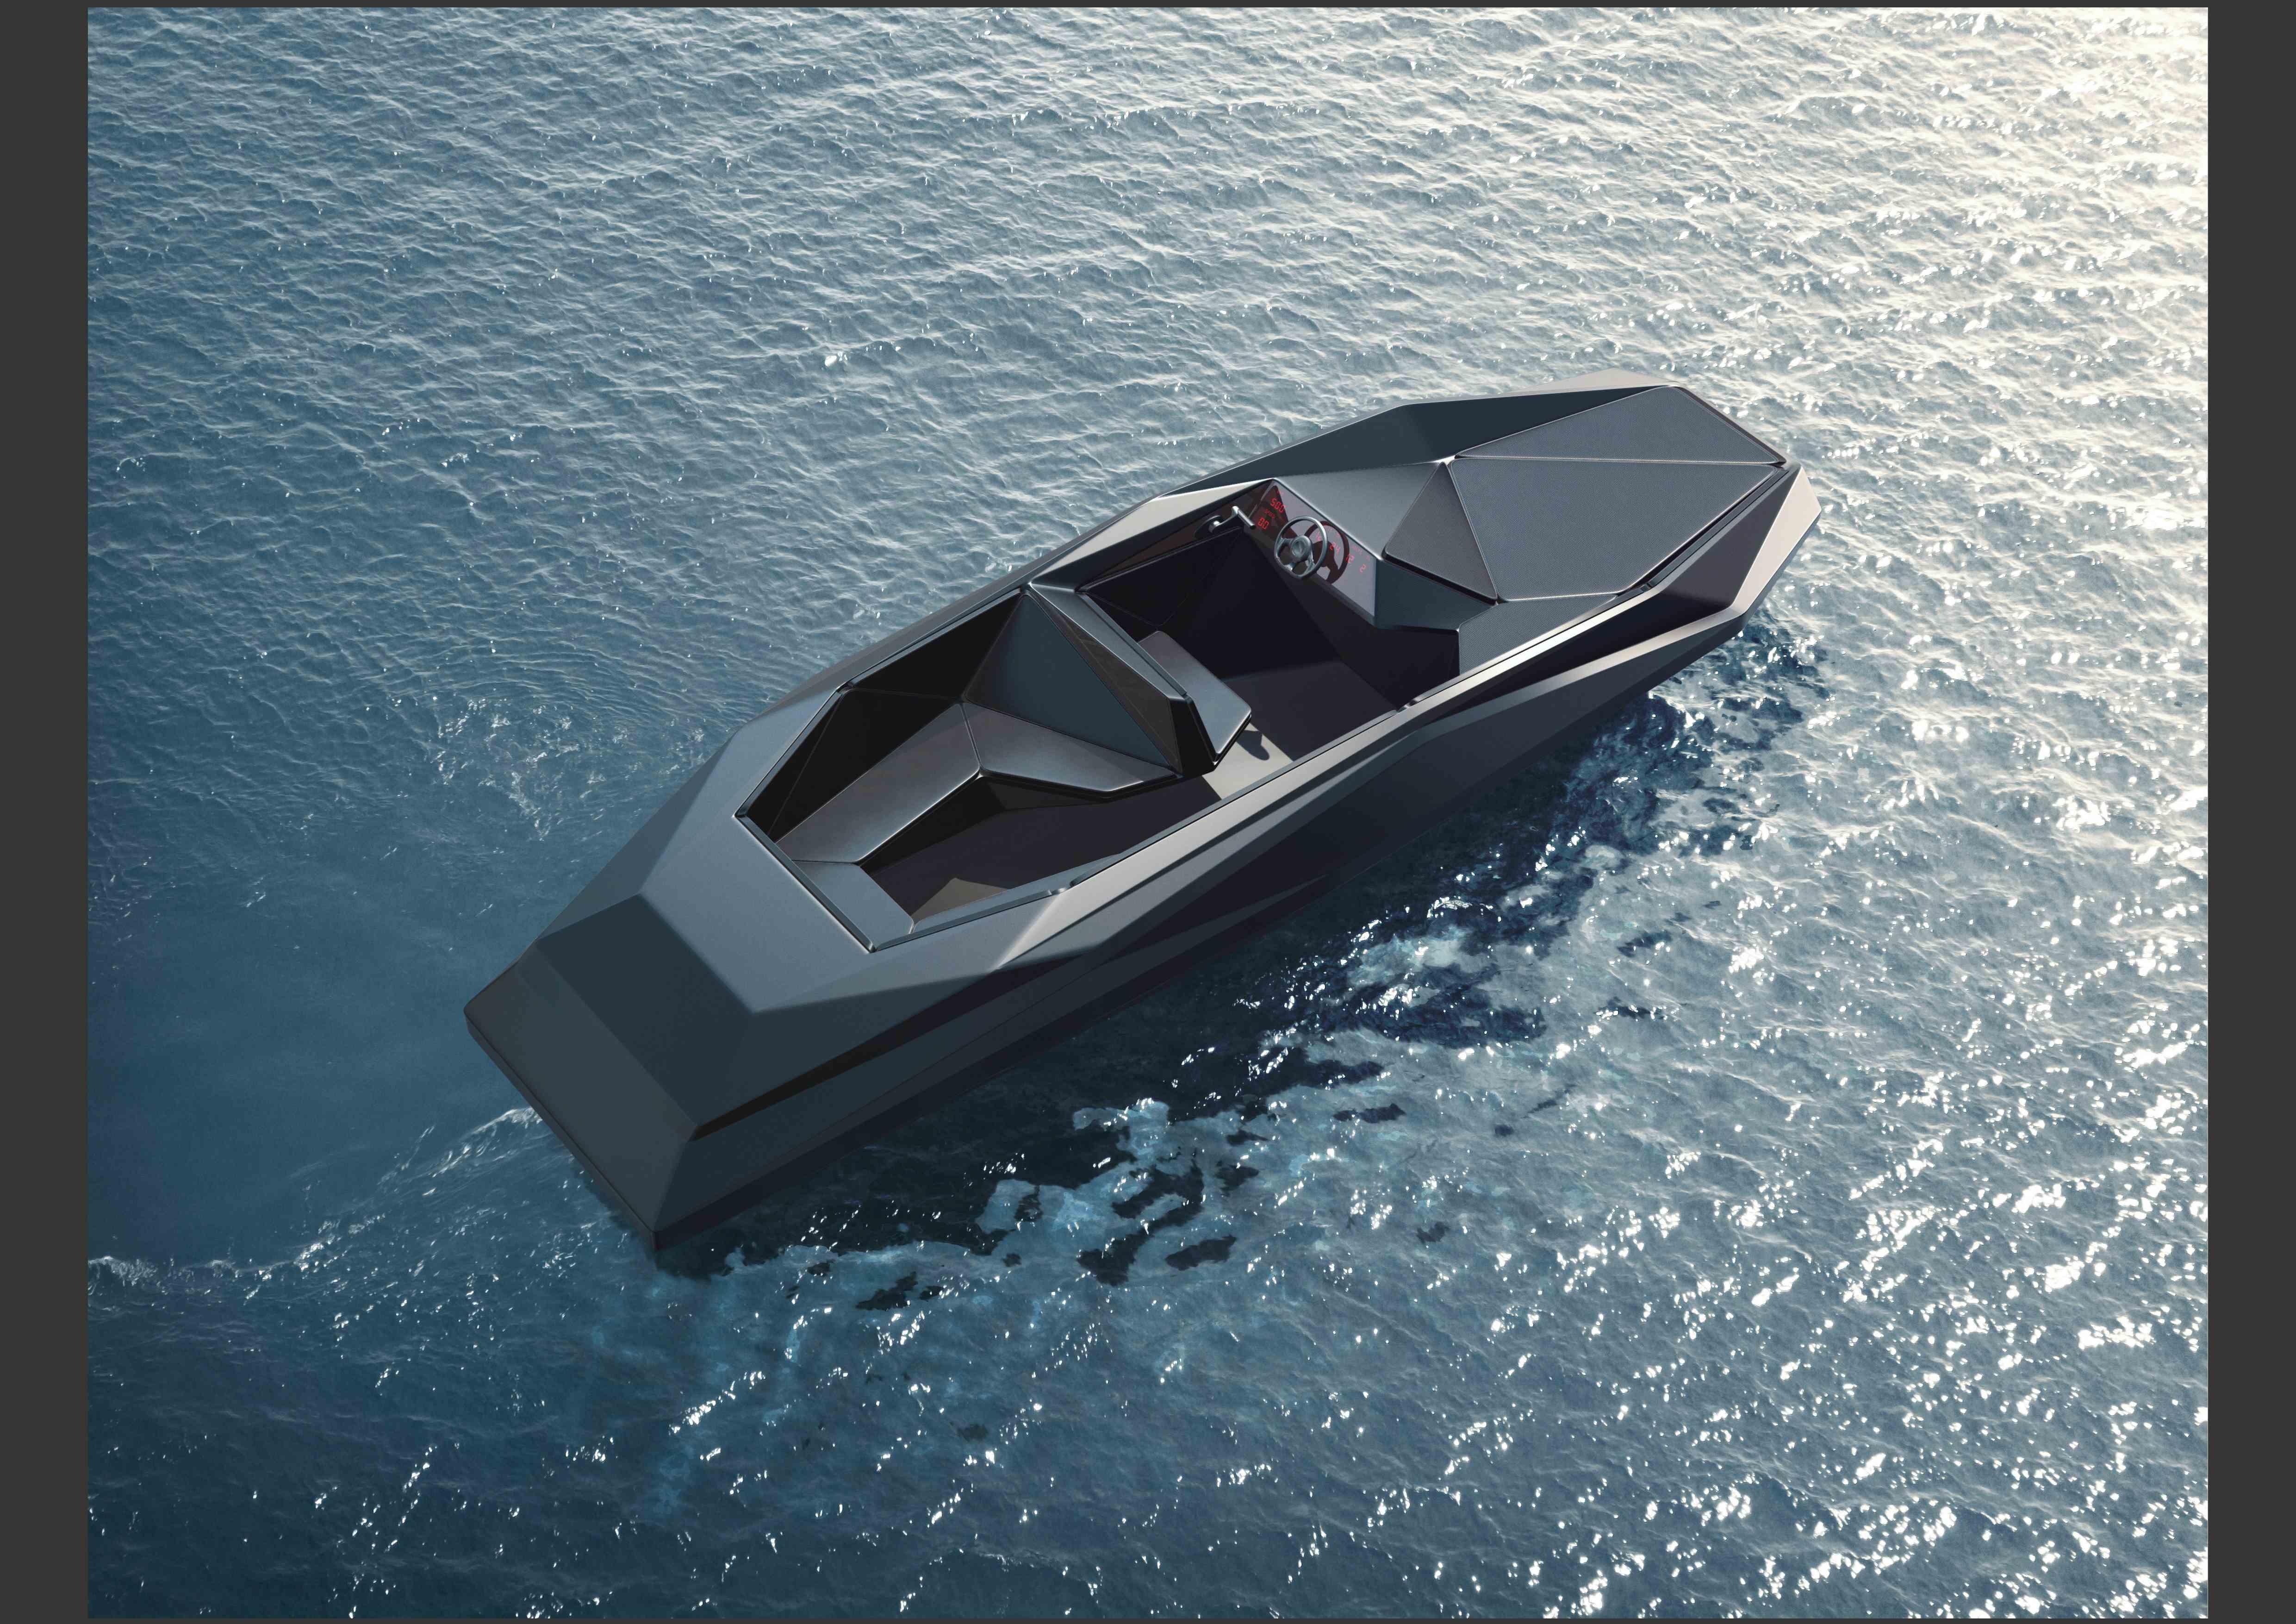 Zaha-Hadid-Z-boat